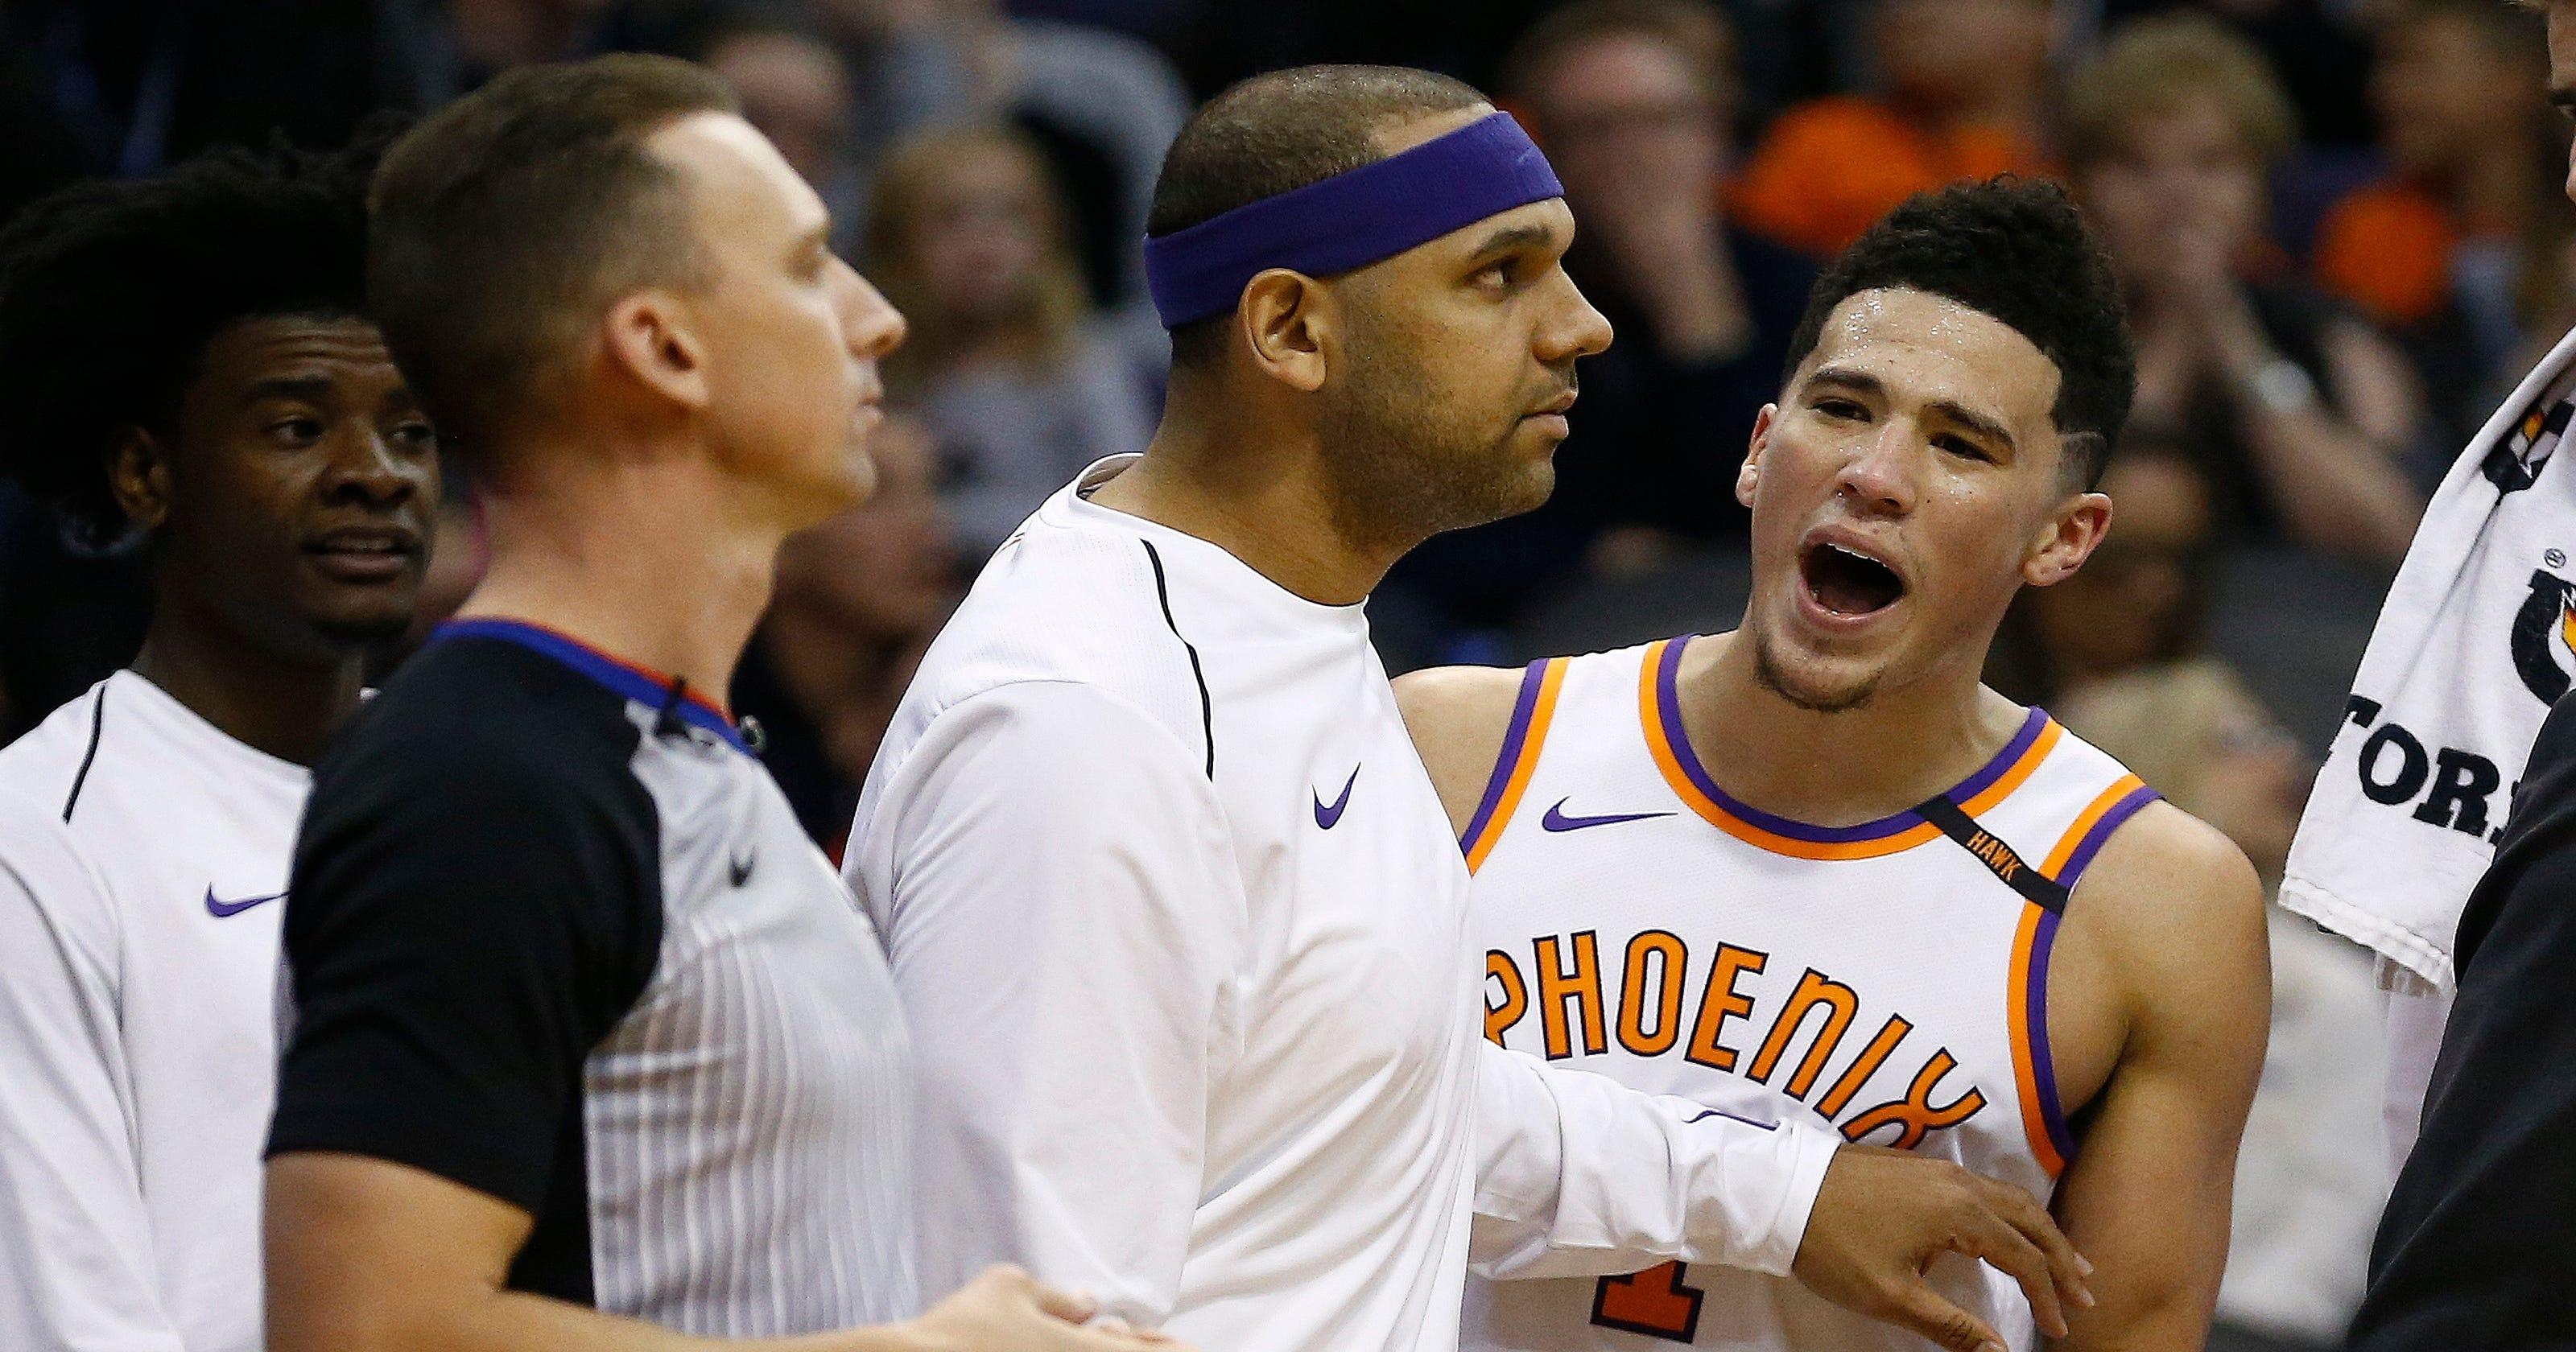 a17657b99 Suns news  Will Suns make trade deadline deal  Is Booker a point guard